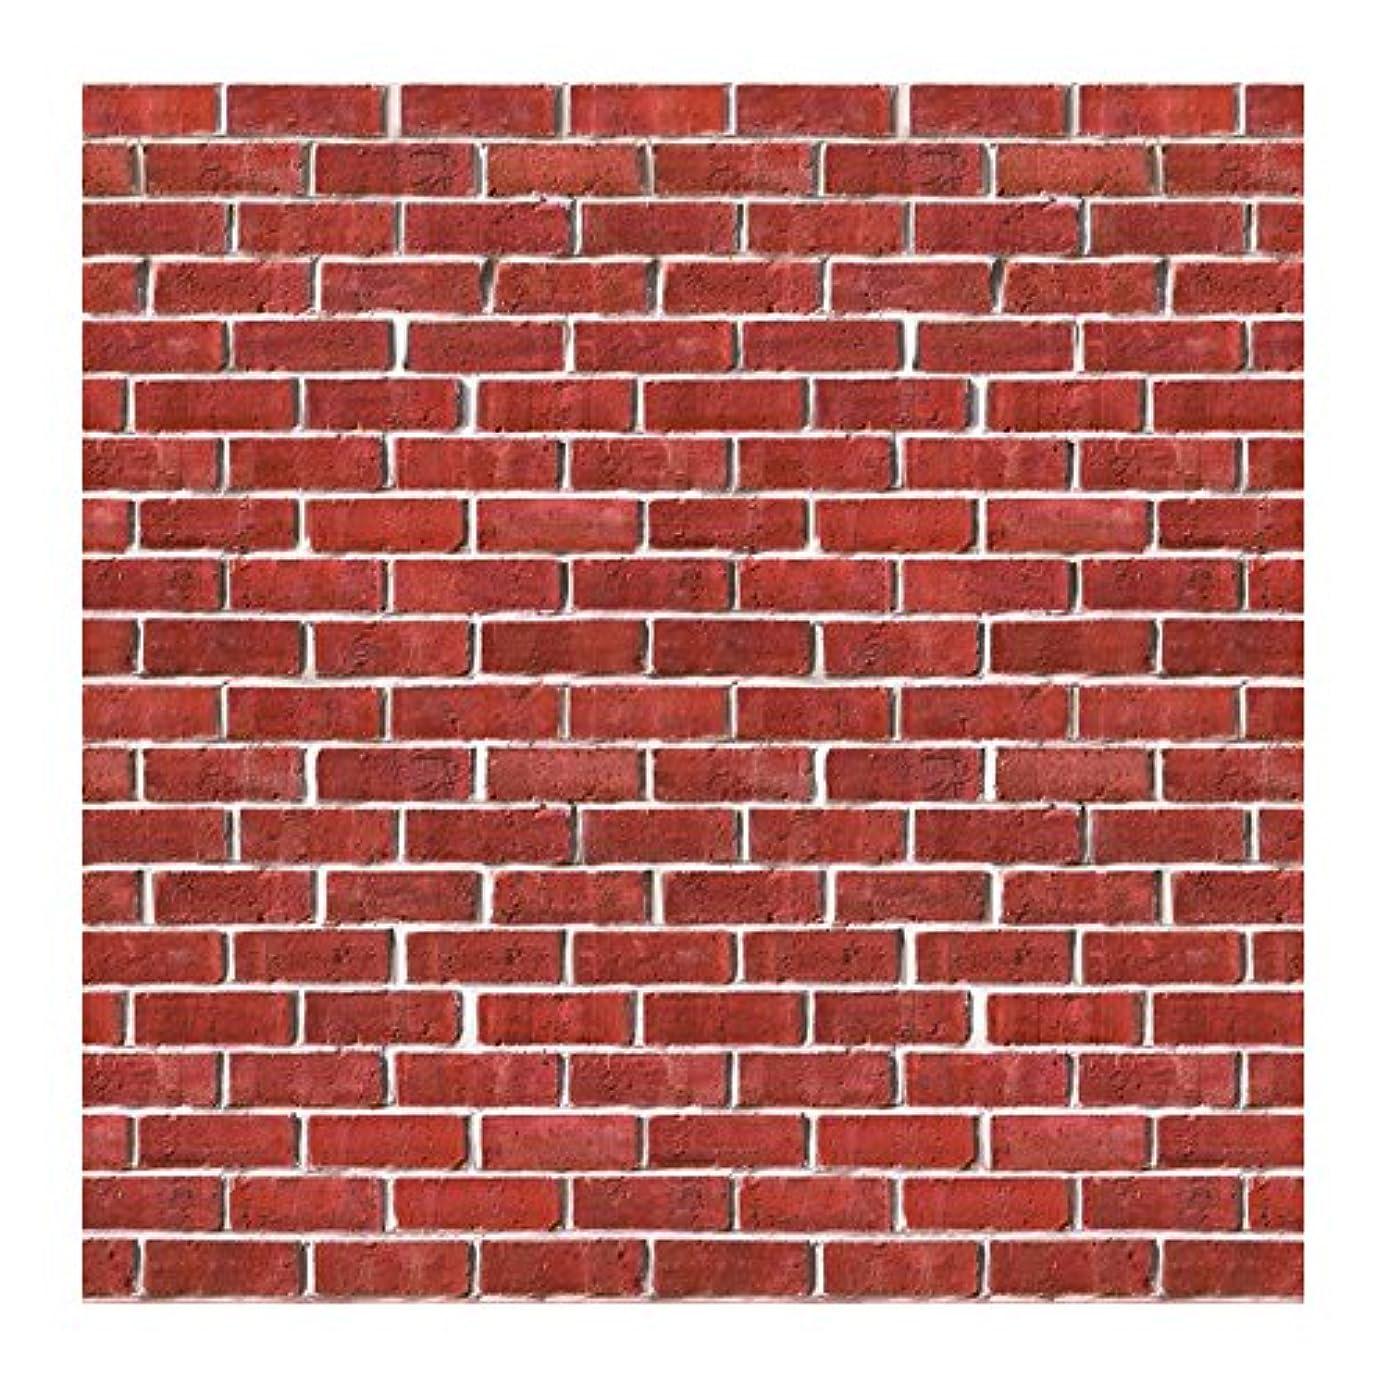 Brick Wall Backdrop 4ft. x 30ft. Pkg/6